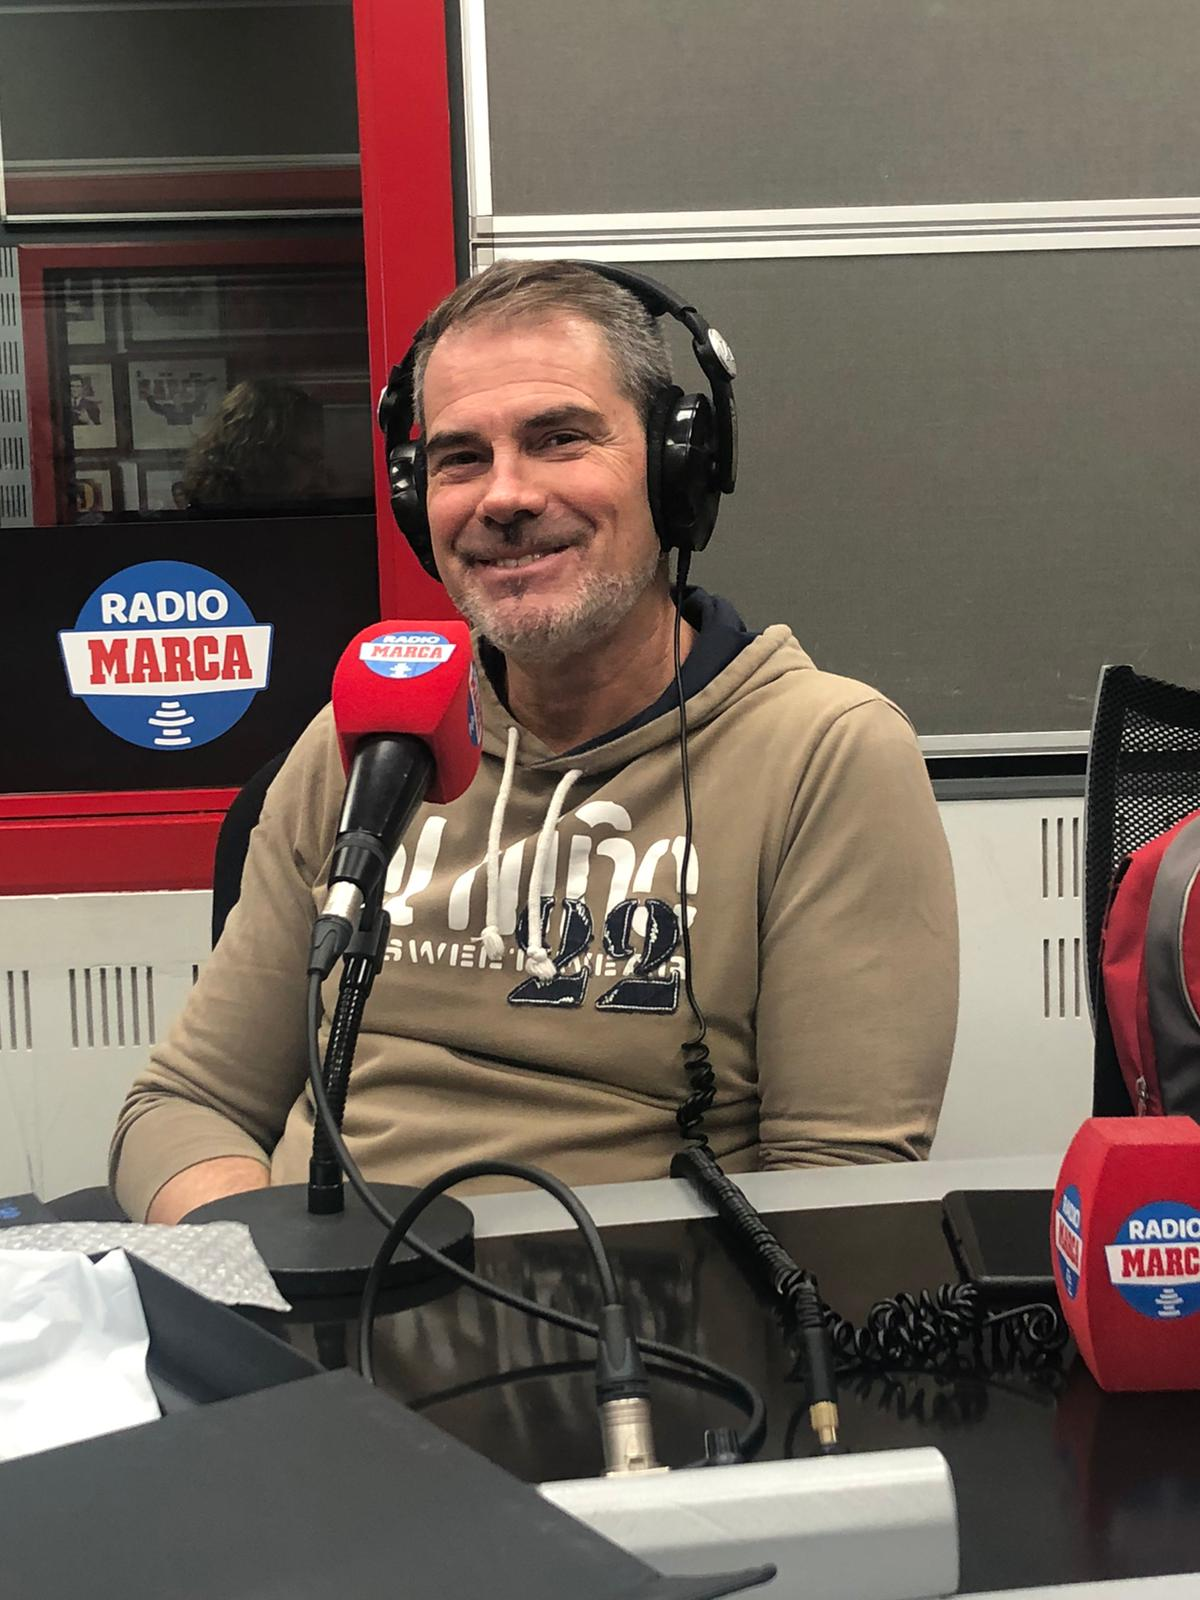 Diego Pons, en el estudio de Radio Marca